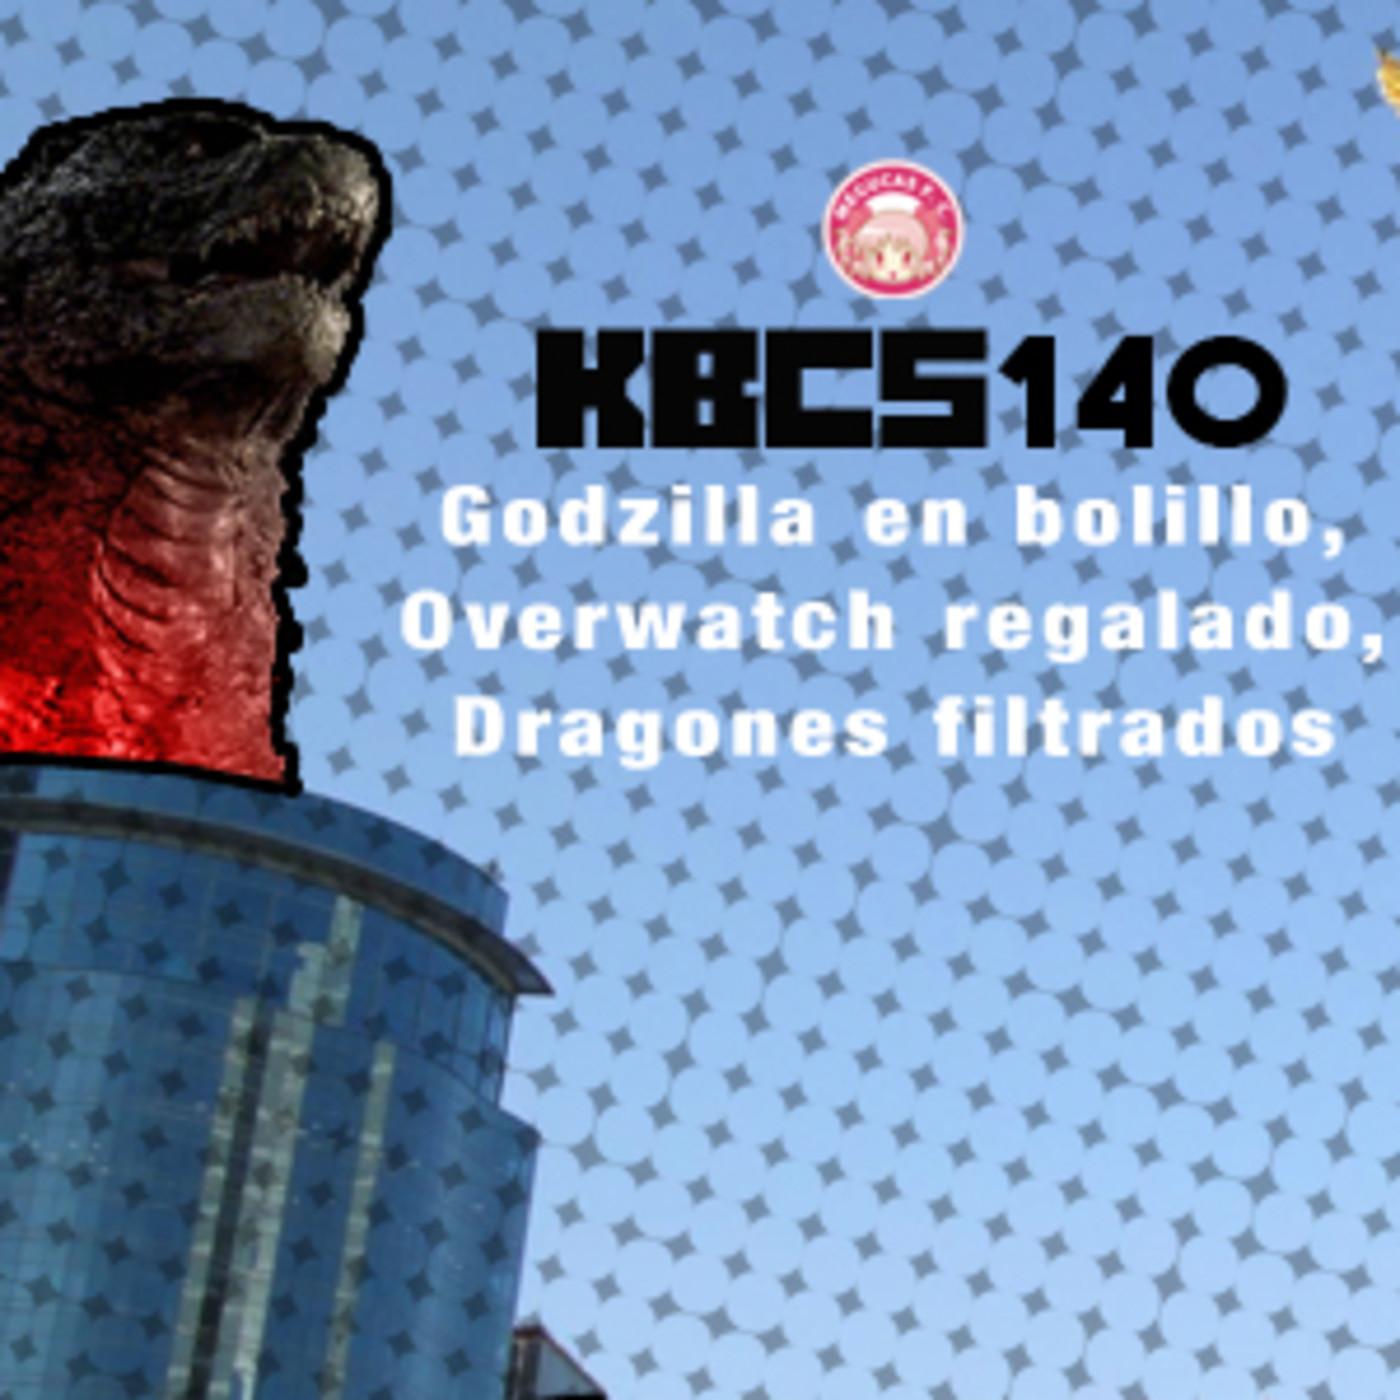 KBCS 140 - Godzilla en bolillo, Overwatch regalado, dragones filtrados